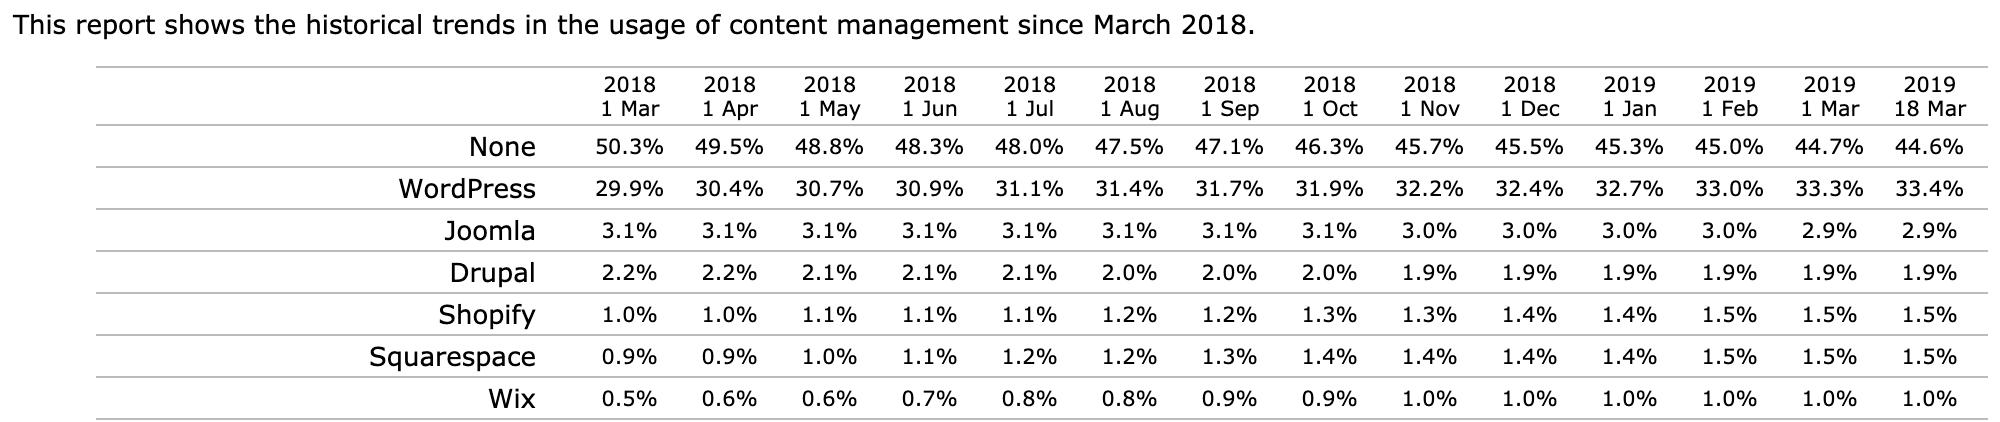 گزارش استفاده از CMS های محبوب در مارس ۲۰۱۹